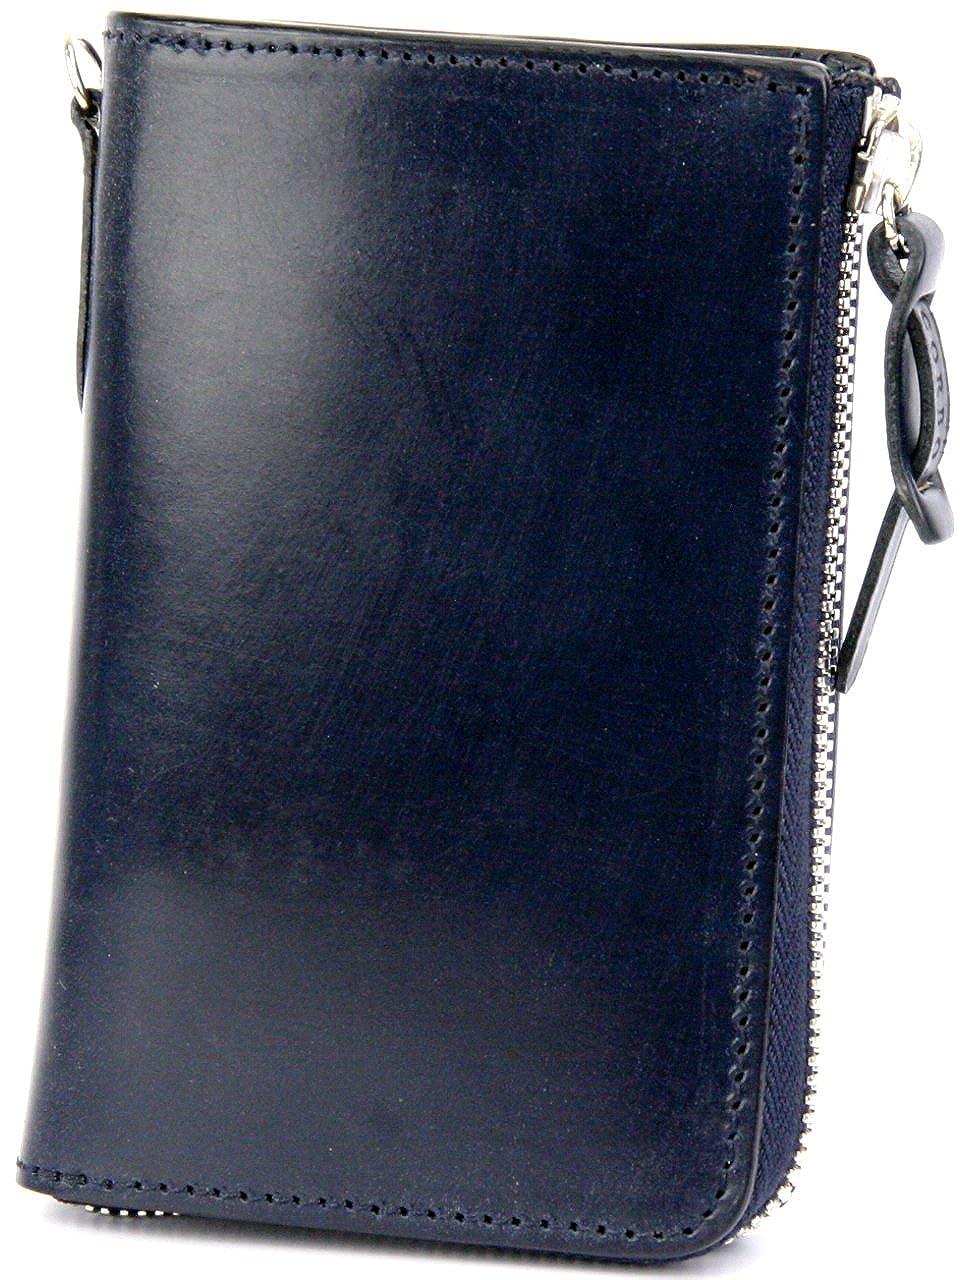 [コルボ] CORBO. -face Bridle Leather- フェイス ブライドルレザー シリーズ L字小銭入れ付き二つ折り財布 1LD-0225 CO-1LD-0225 B006AYPWW6  ネイビー